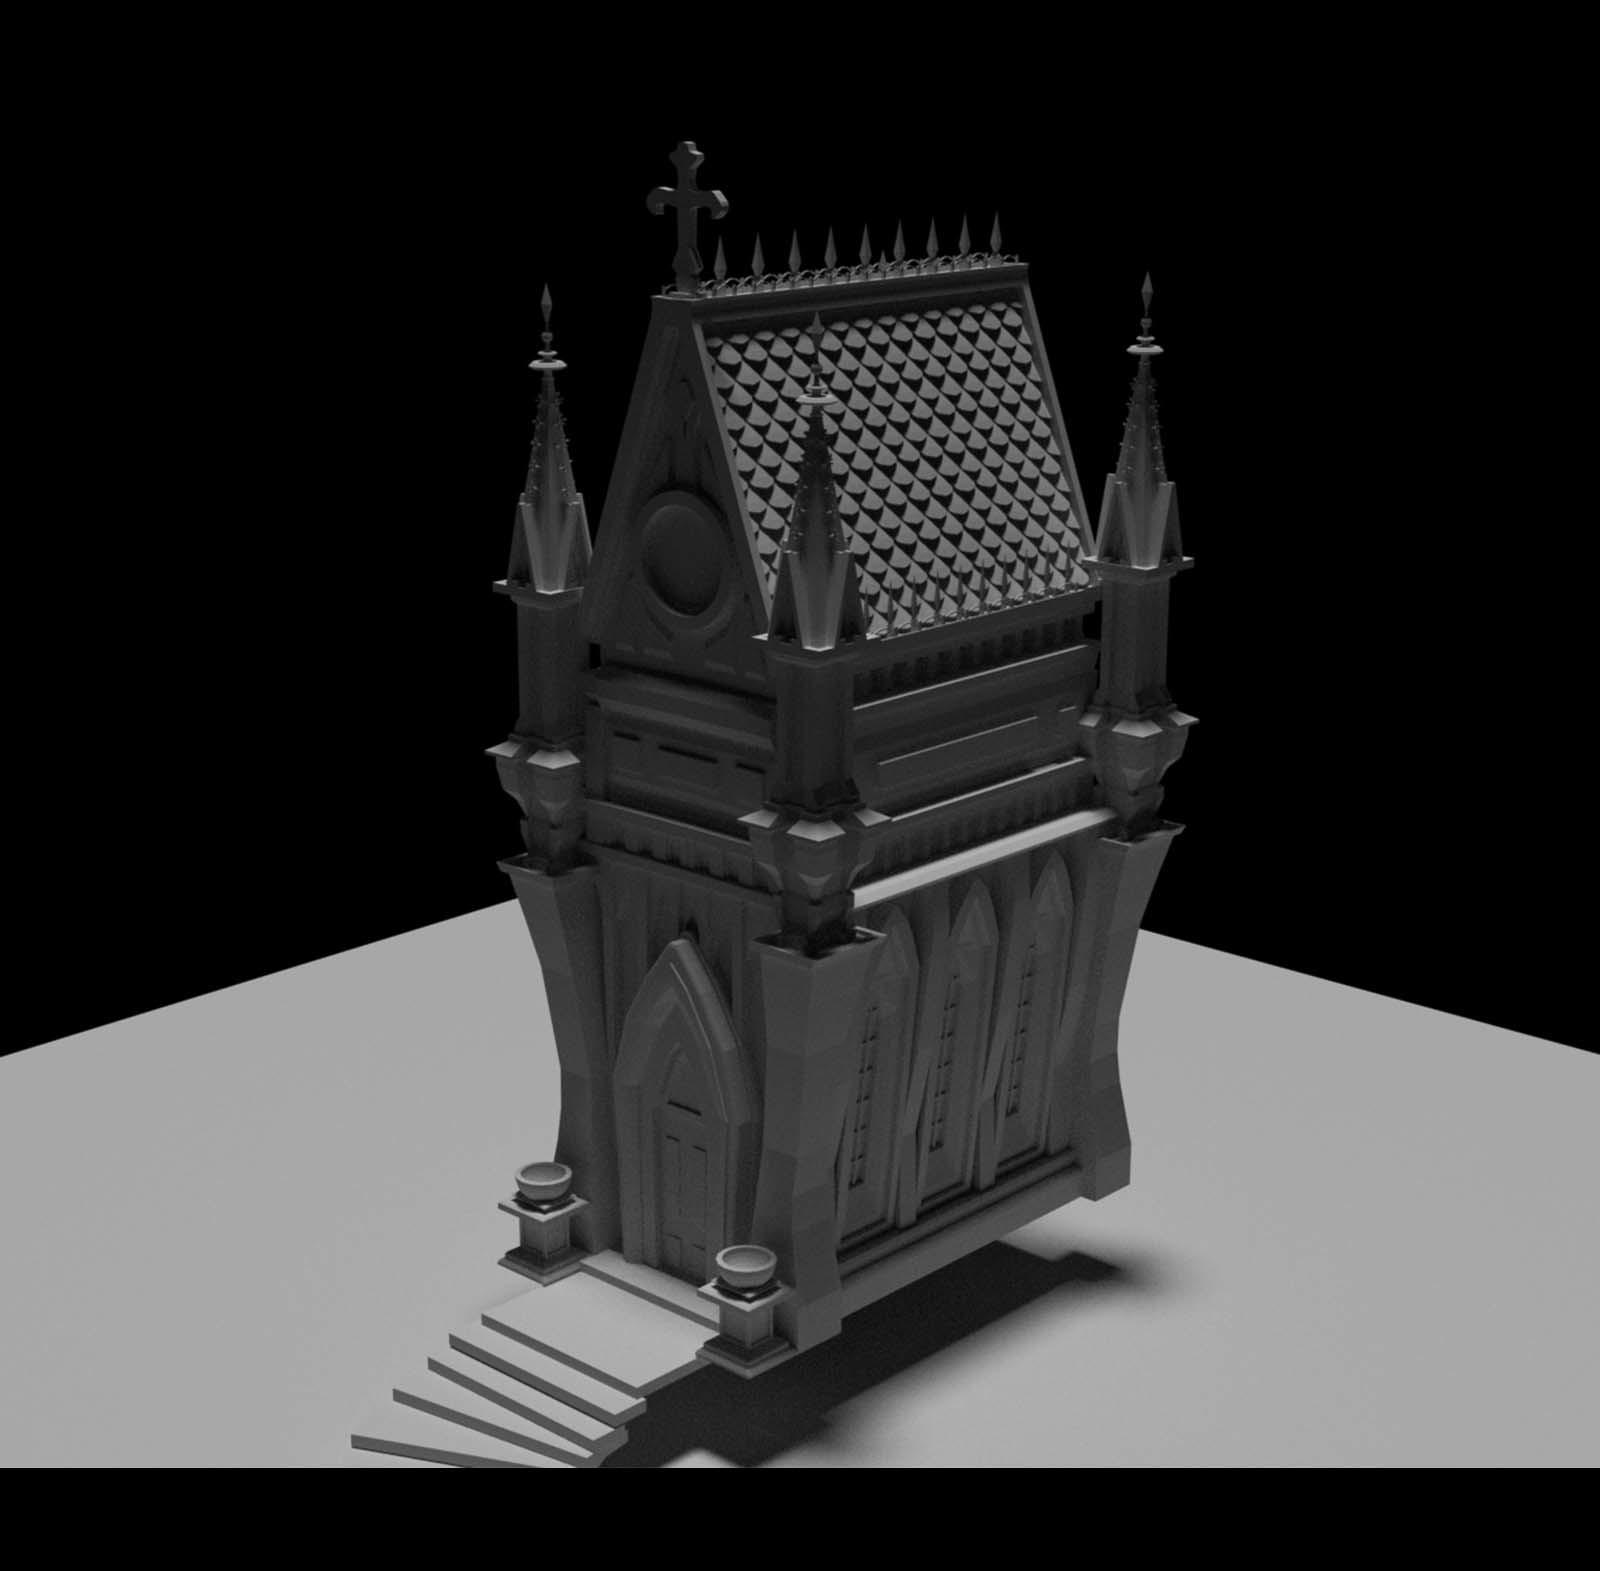 3D Model made in Blender